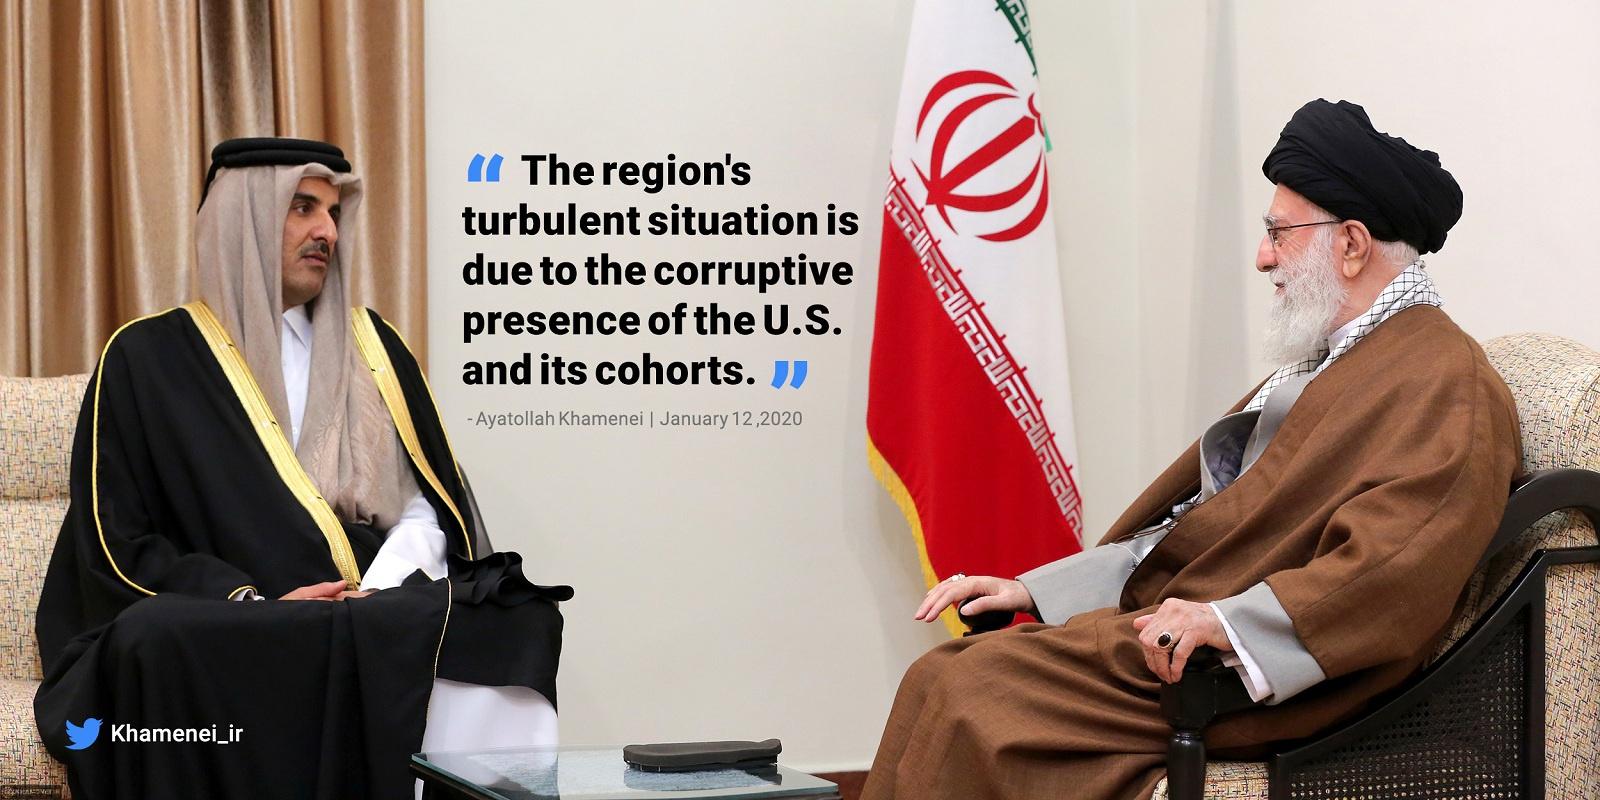 哈梅内伊:美国及其同伙是中东动荡原因